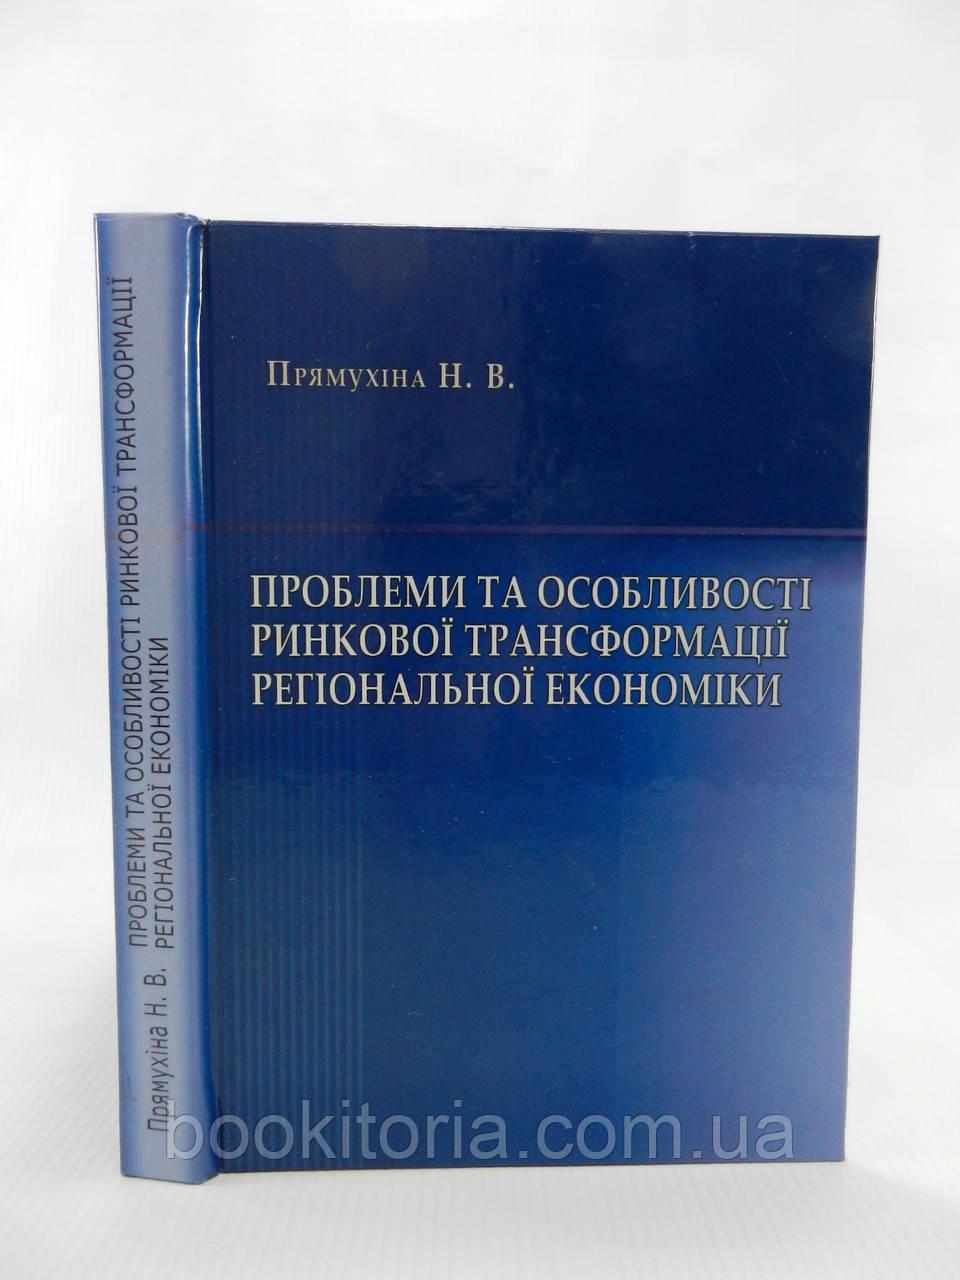 Прямухіна Н. Проблеми та особливості ринкової трансформації регіональної економіки (б/у).